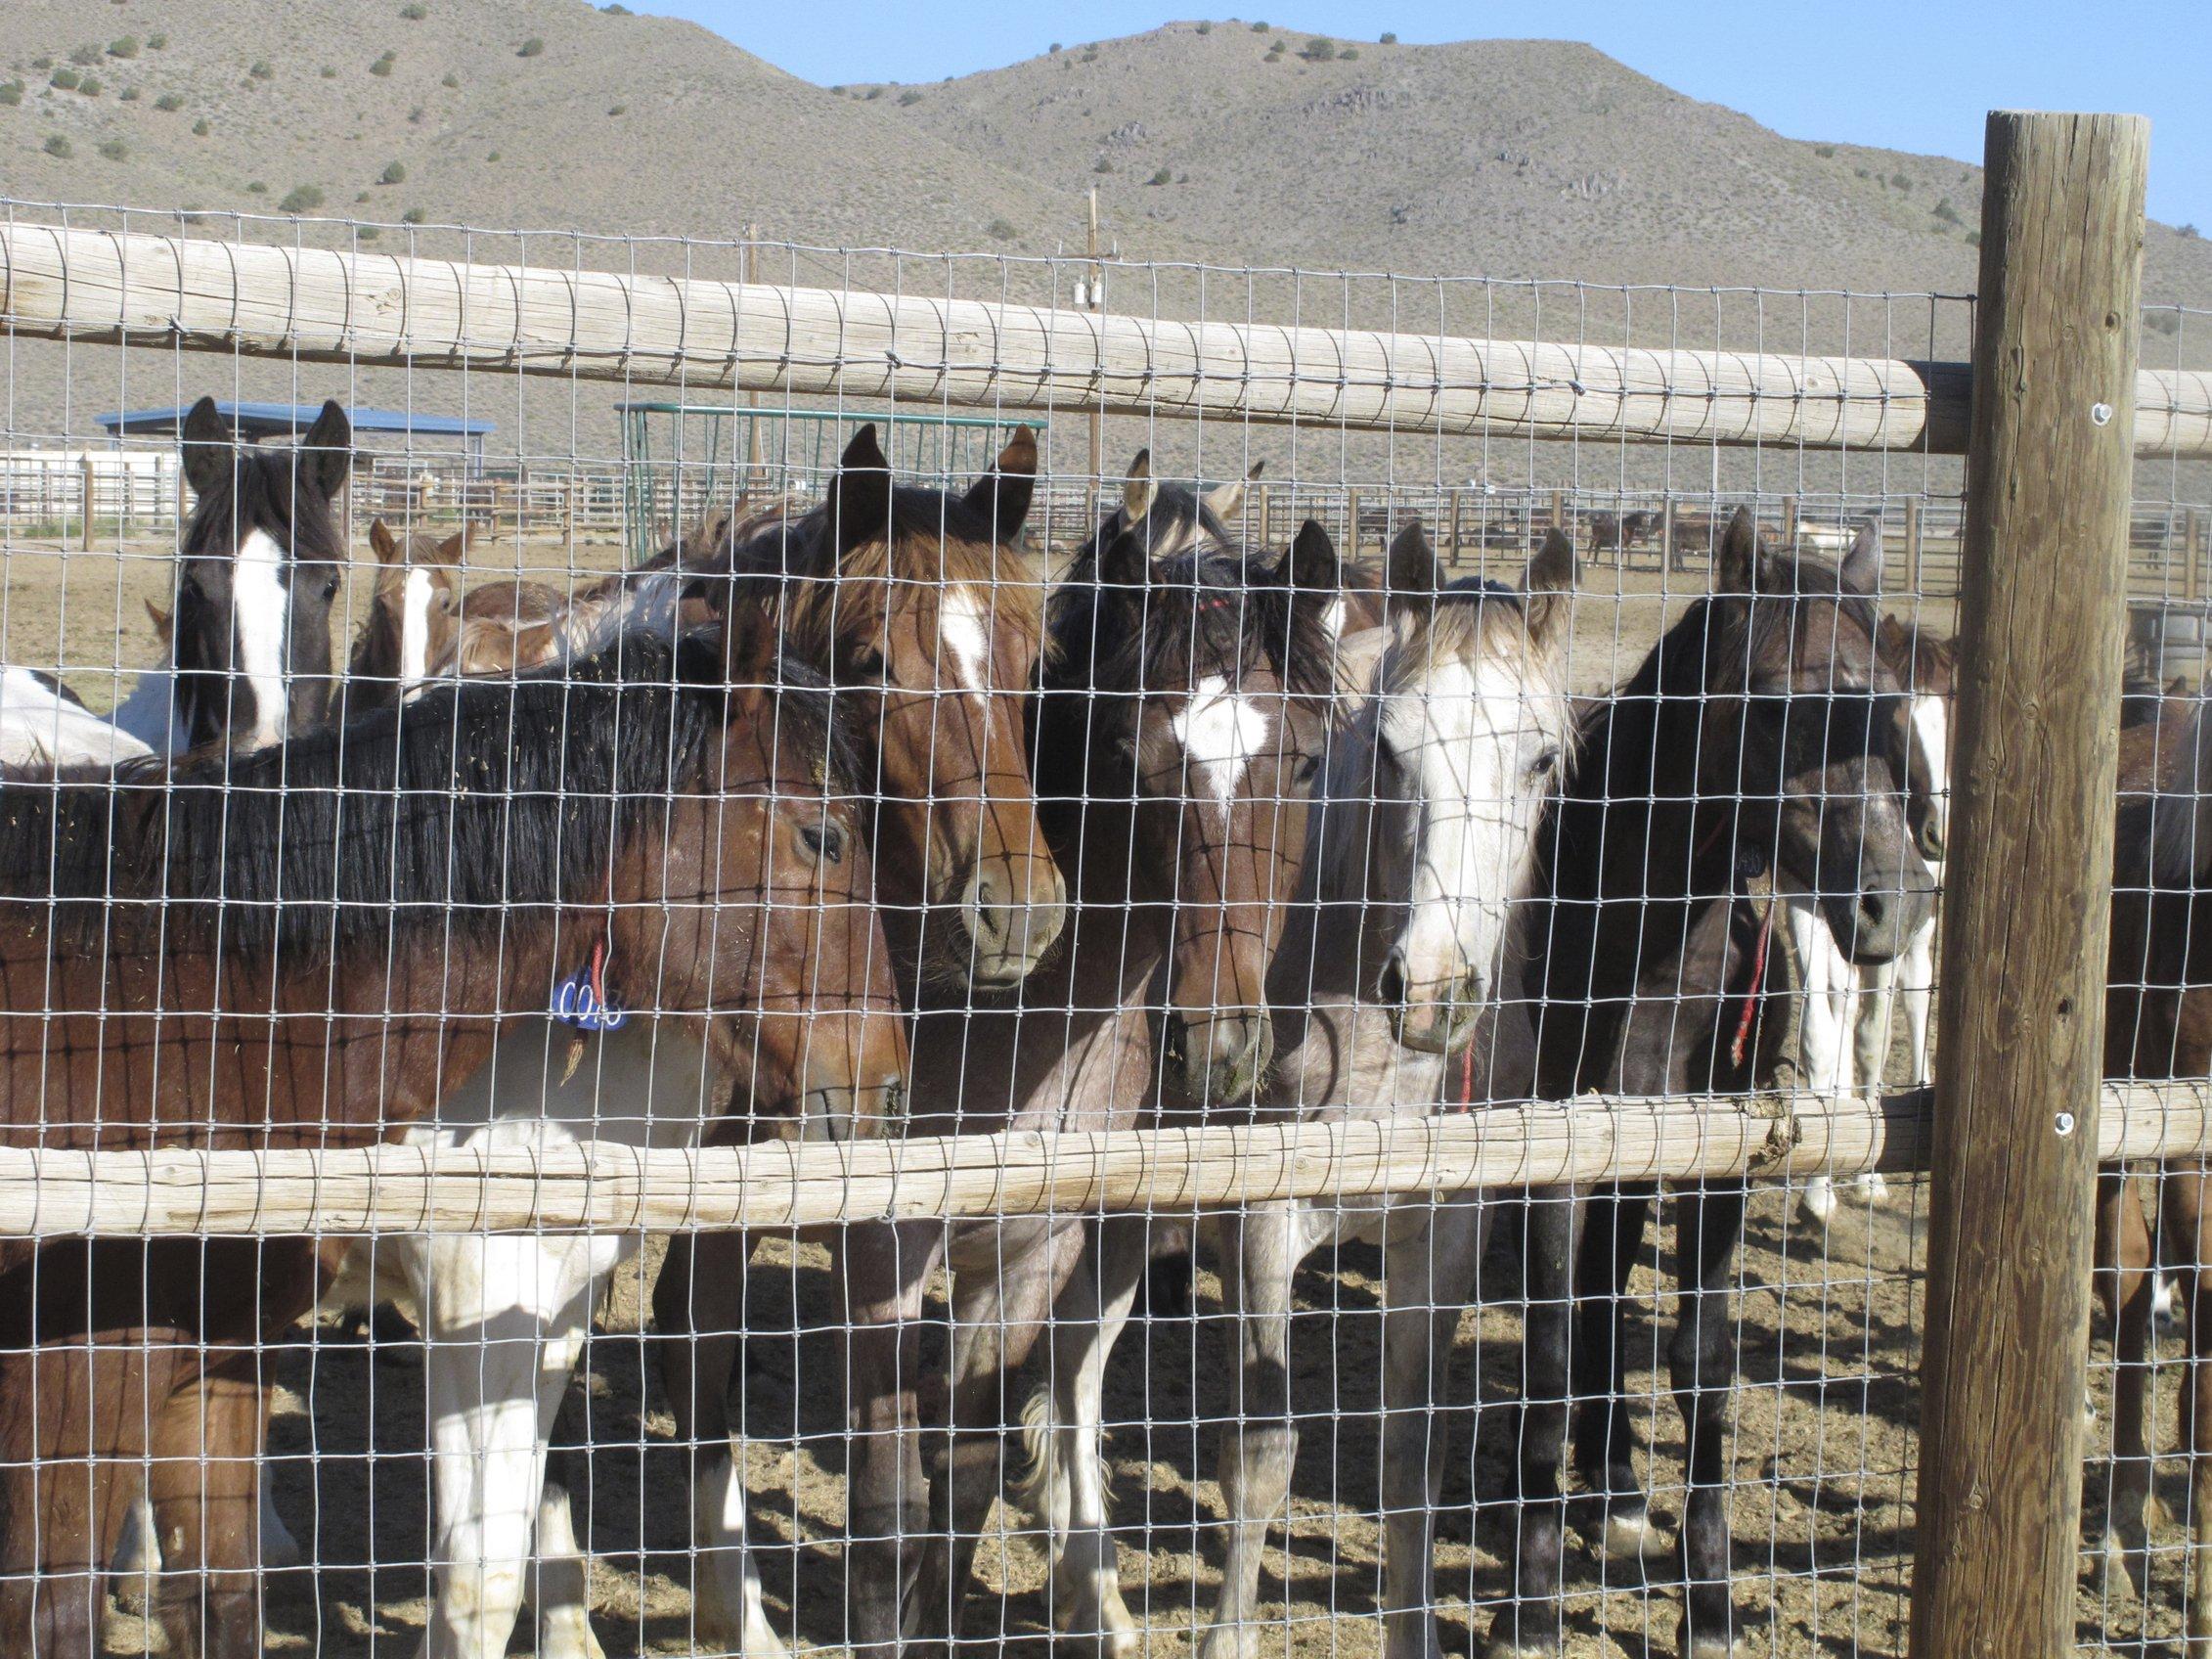 APNewsBreak: Agency built pen for possible horse slaughter